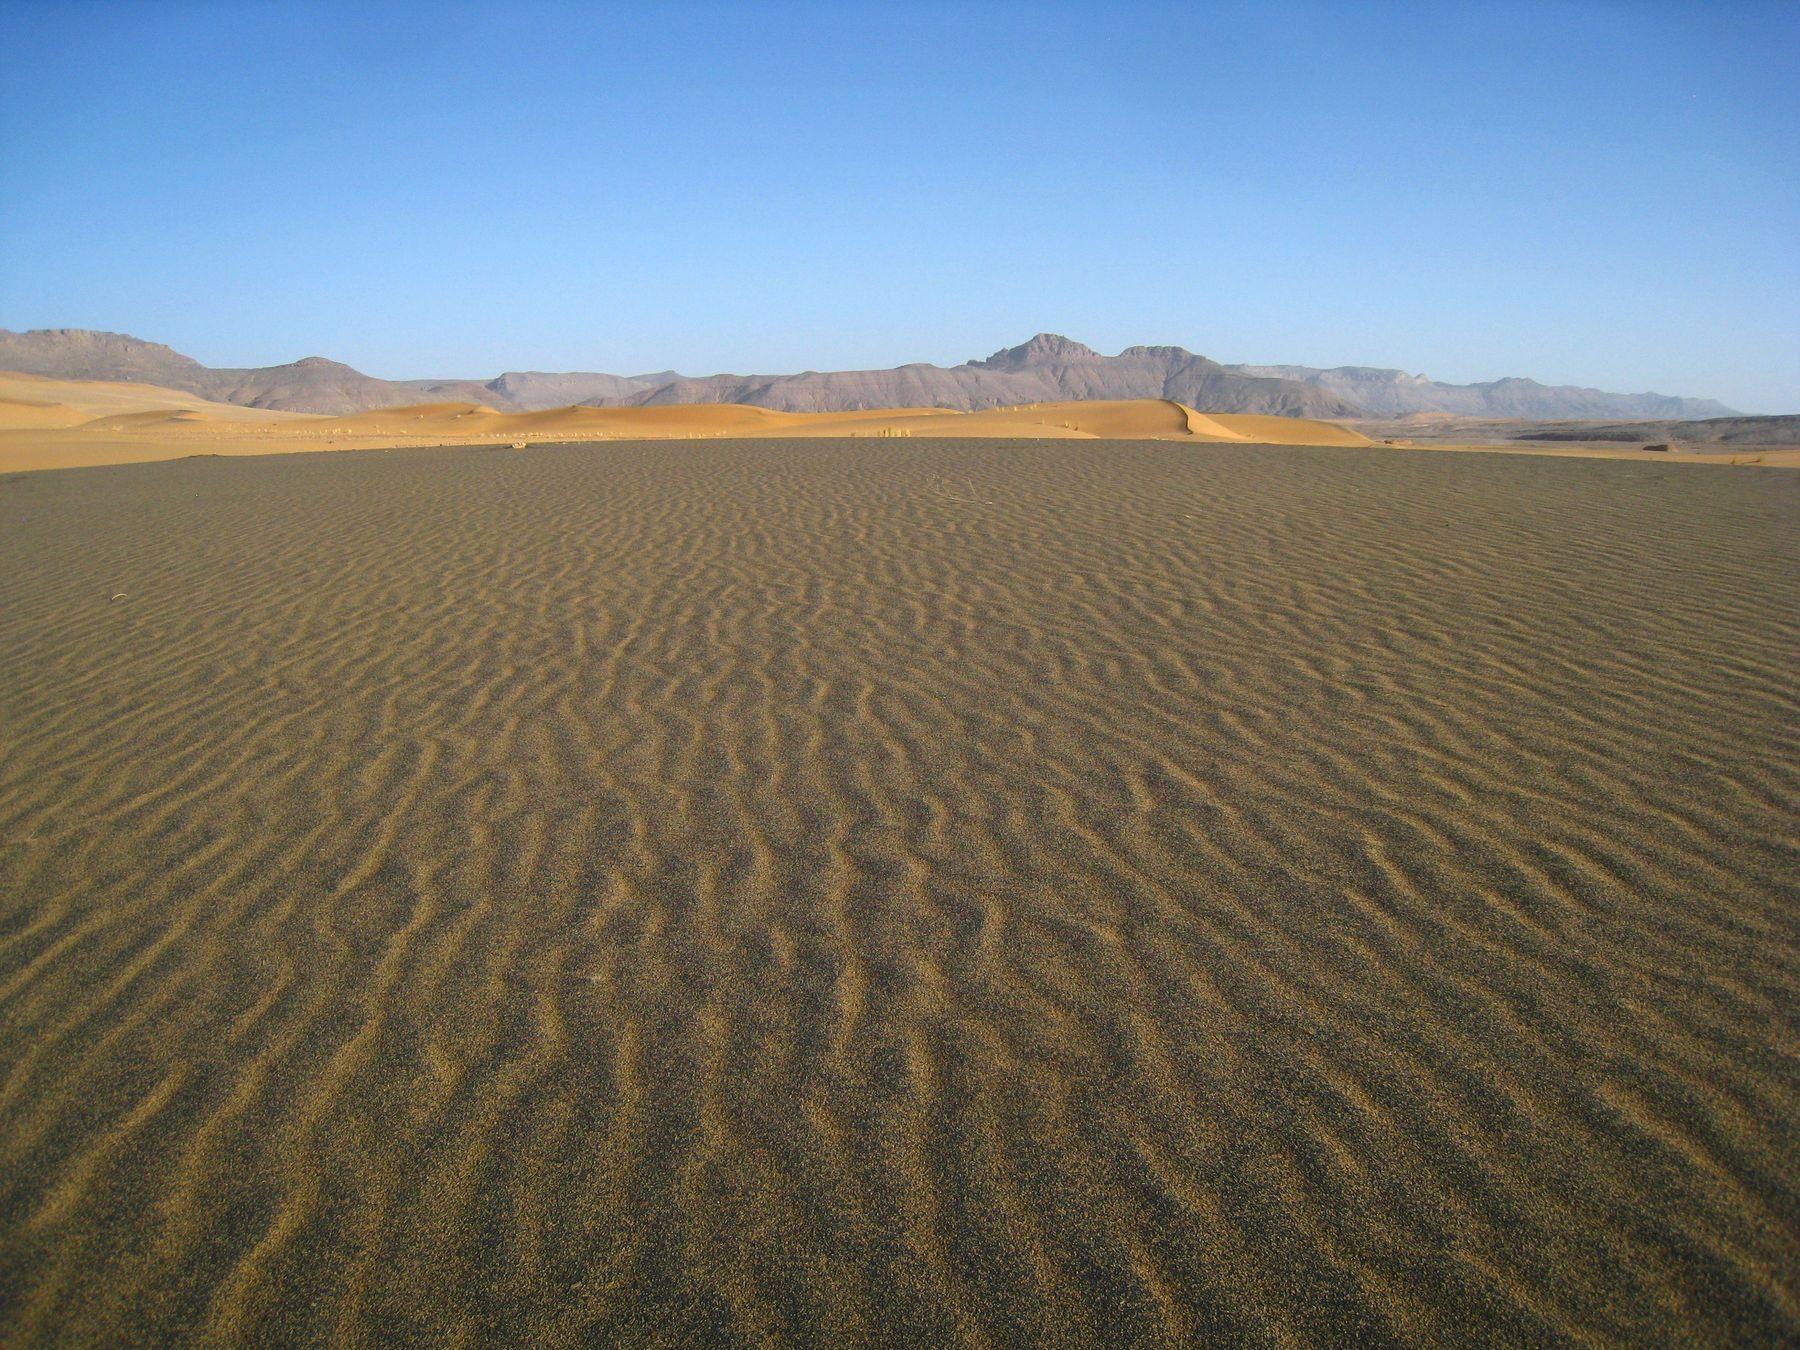 Большая редкость в Сахаре - дюна с тёмным песком. Алжир пейзаж скалы